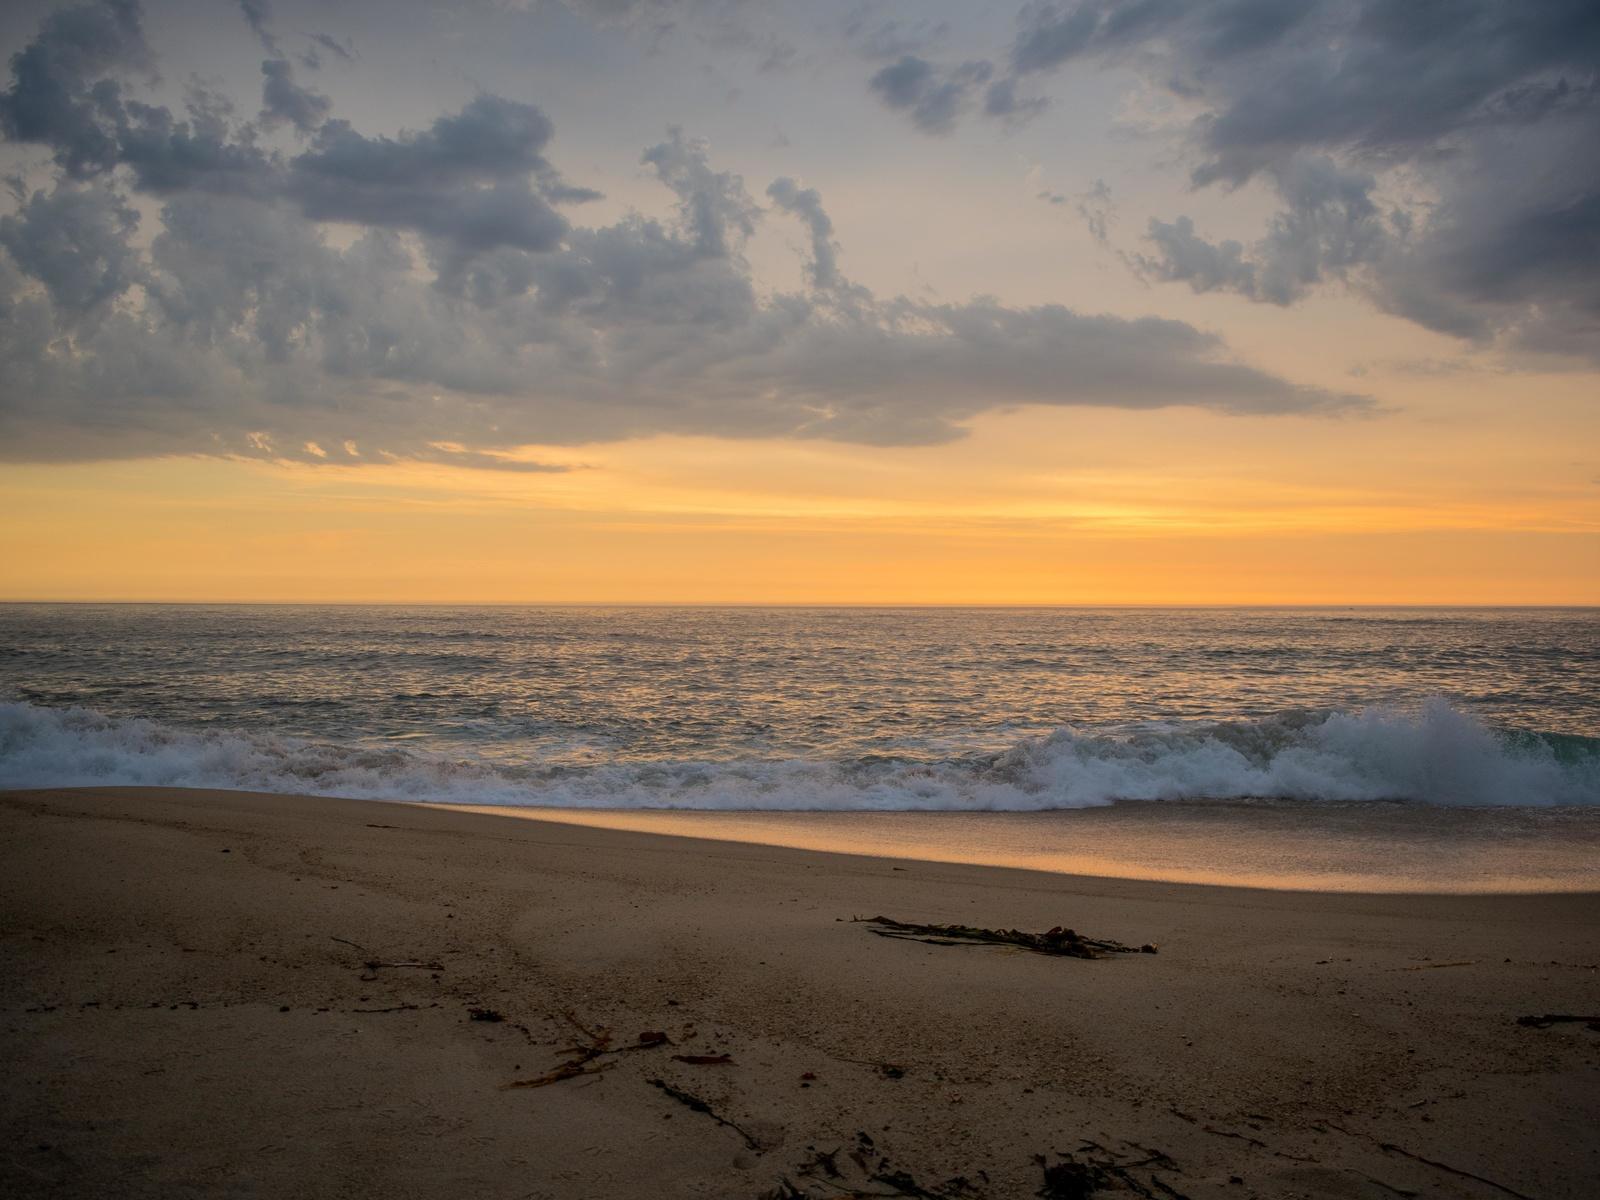 горизонт, волны, песок, пляж